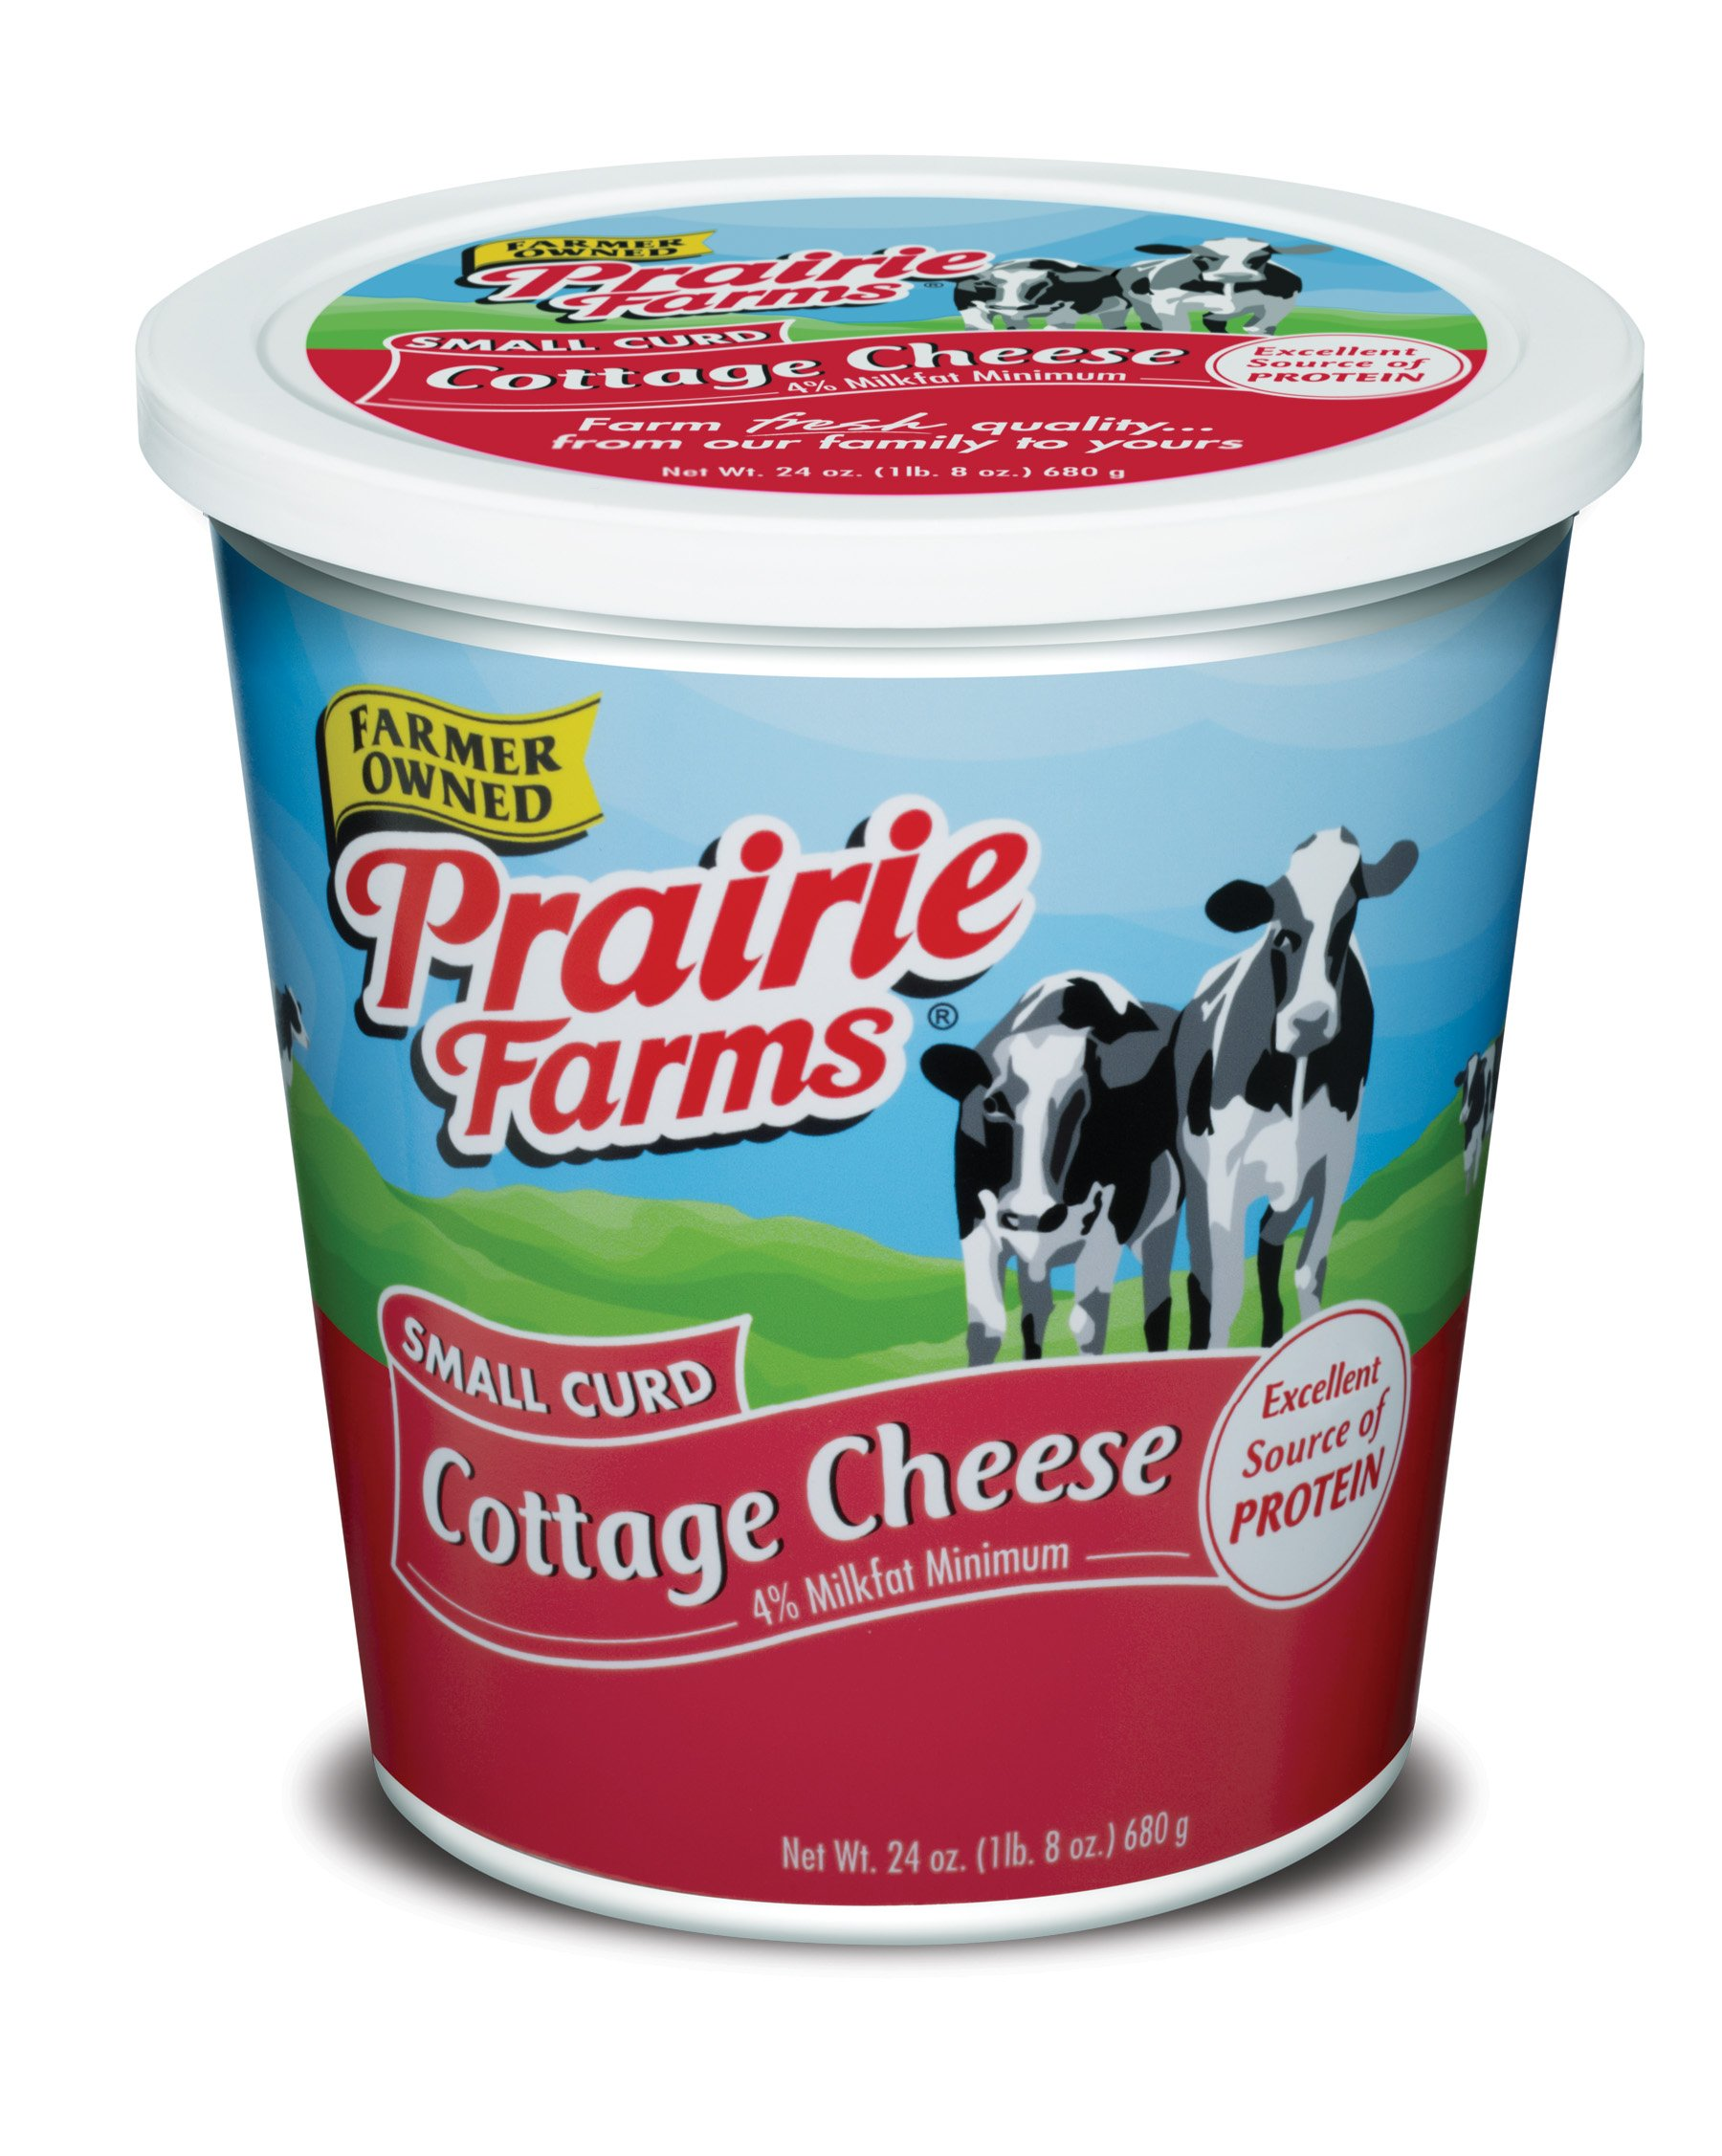 Prairie Farms Dairy Cottage Cheese Small Curd, 24 oz